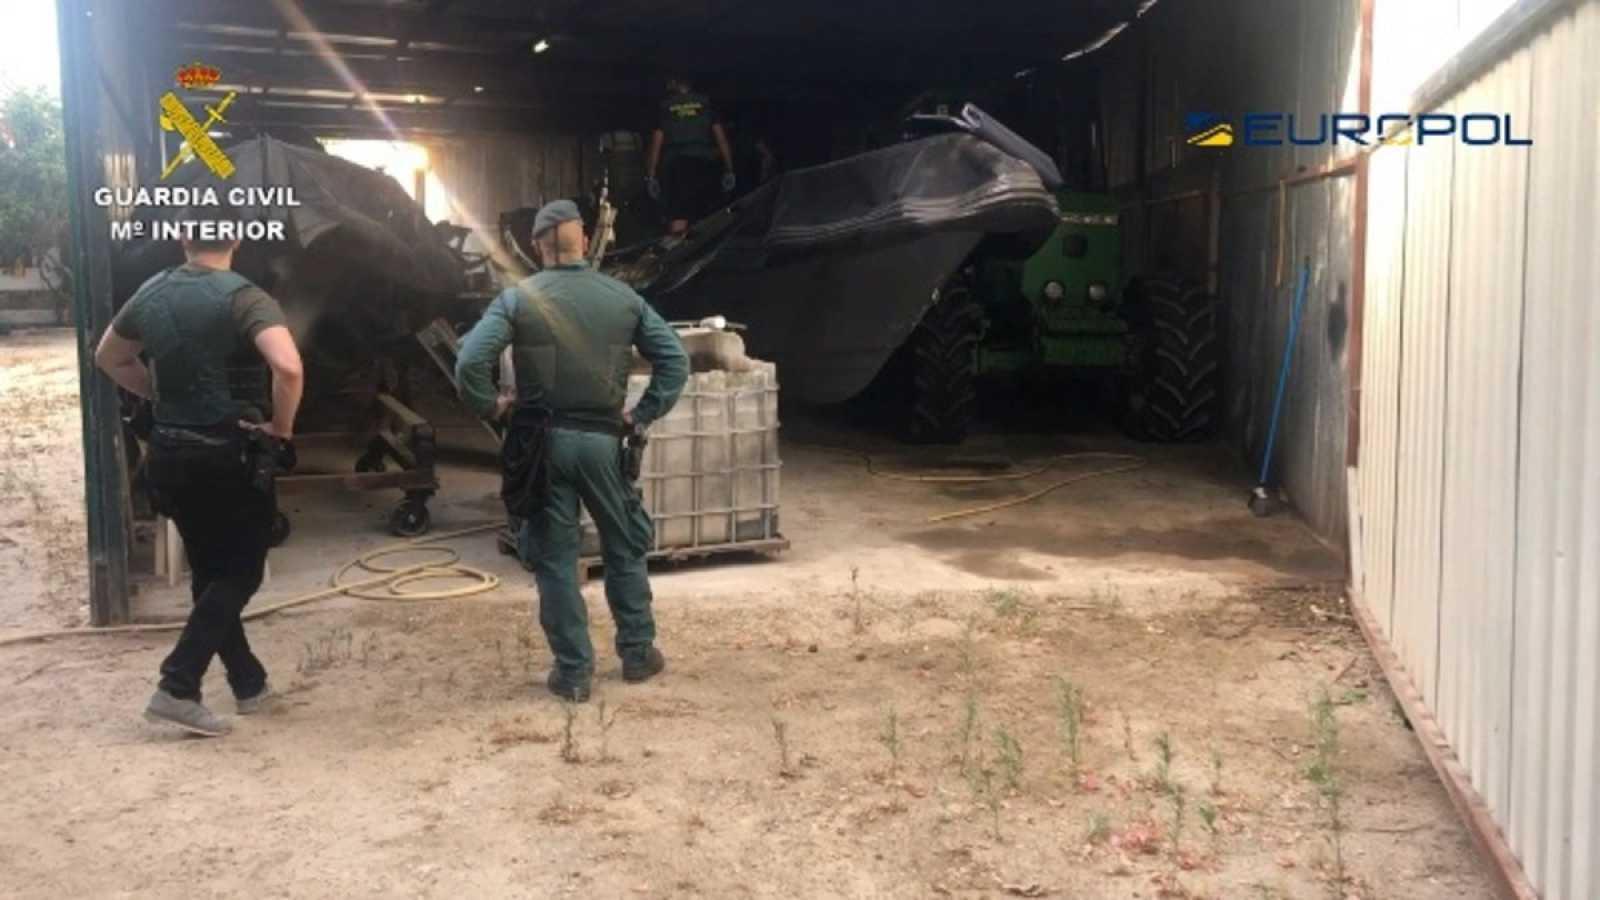 Dos agentes de la Guardia Civil observan una narcolancha incautada en la Operación Tortilla